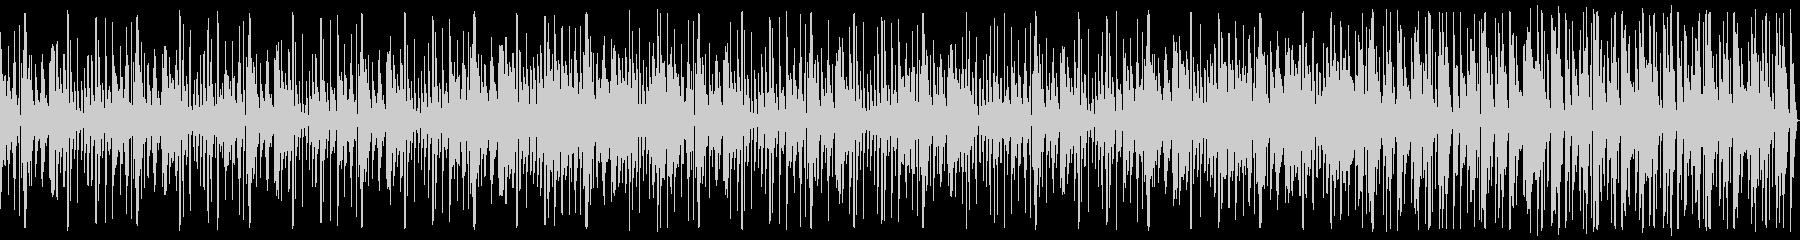 KANTスリリングリズム130_2の未再生の波形